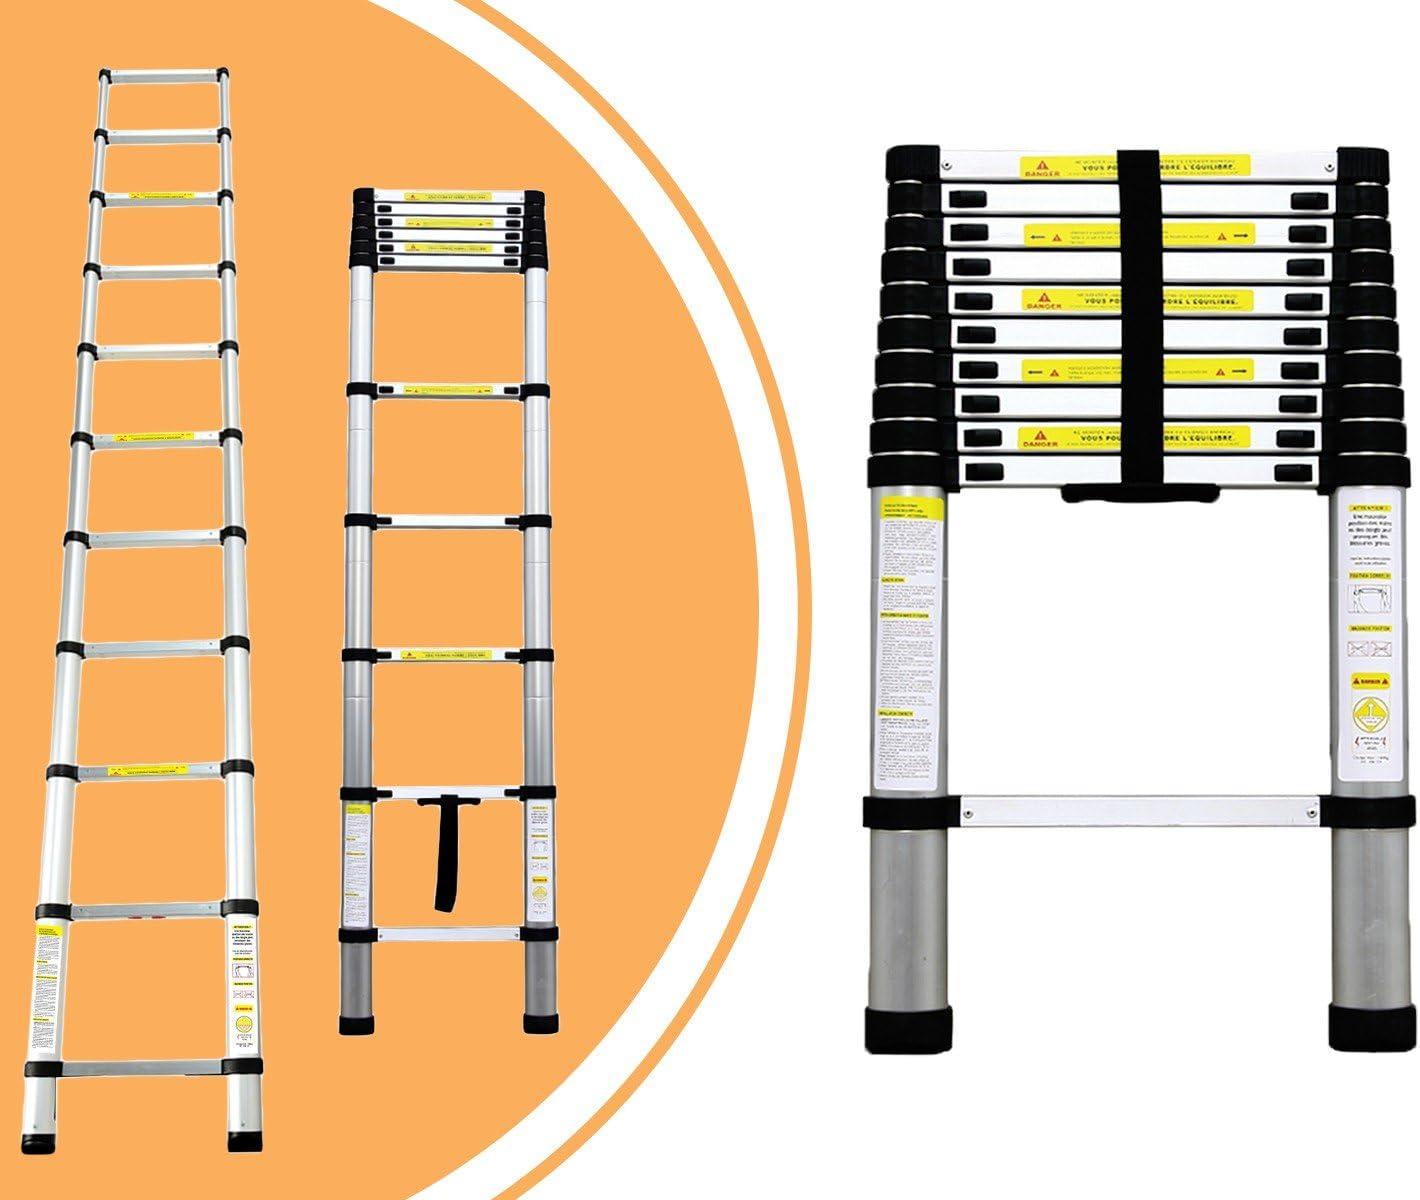 Leogreen - Escalera Telescópica, Escalera Extensible, 3,2 Metro(s), EN 131, Carga máxima: 150 kg, Distancia entre los peldaños (escalera desplegada): 30 cm: Amazon.es: Hogar